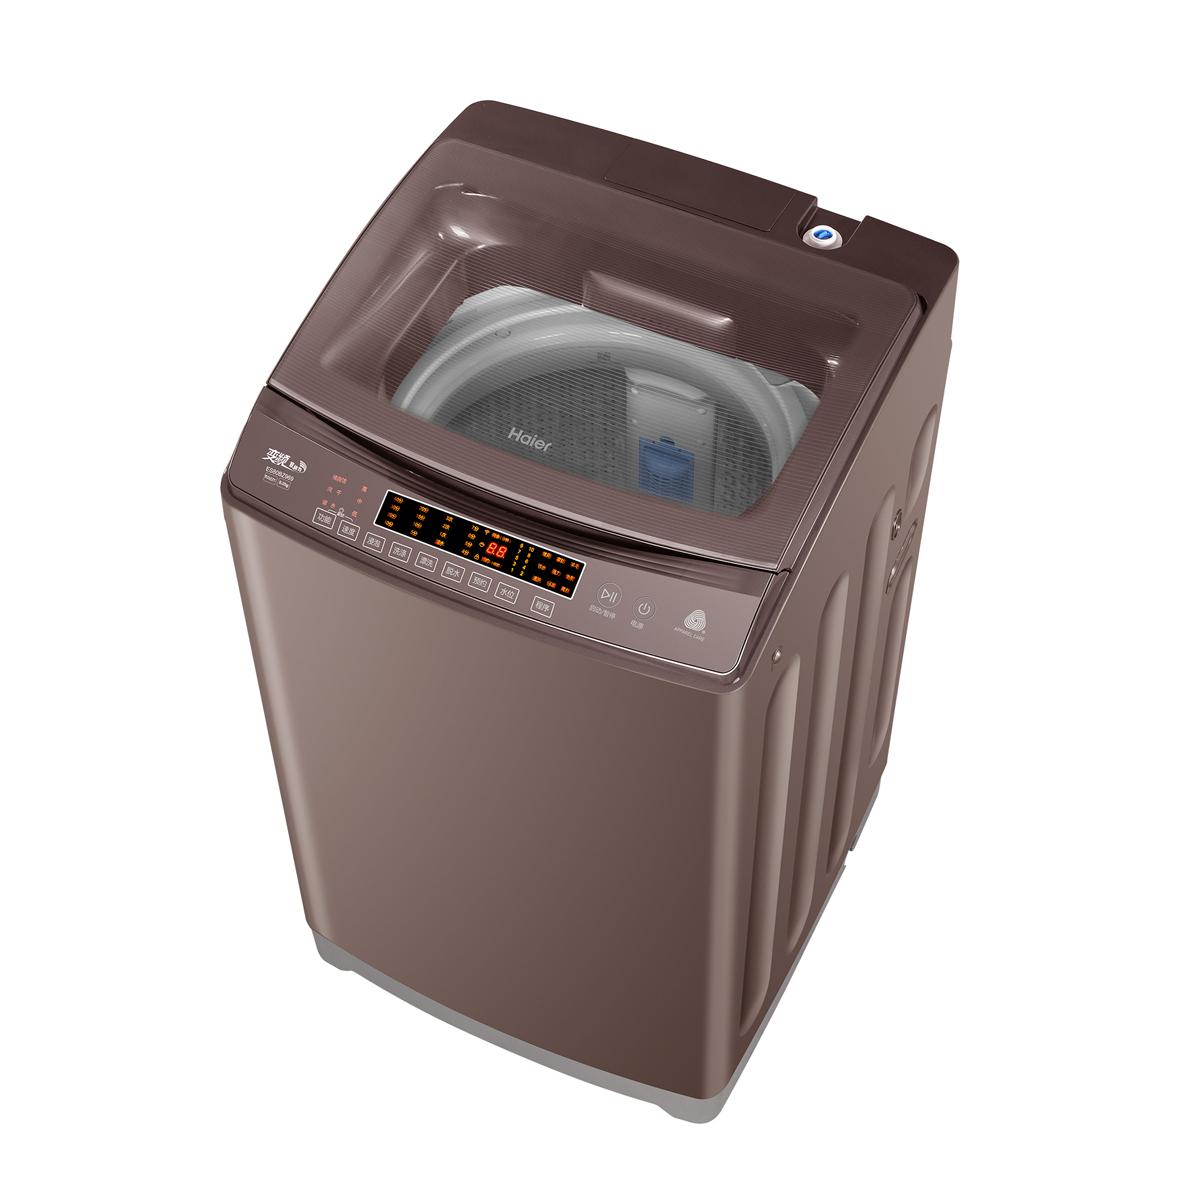 洗衣机排水阀价格多少 洗衣机排水阀价格性能介绍